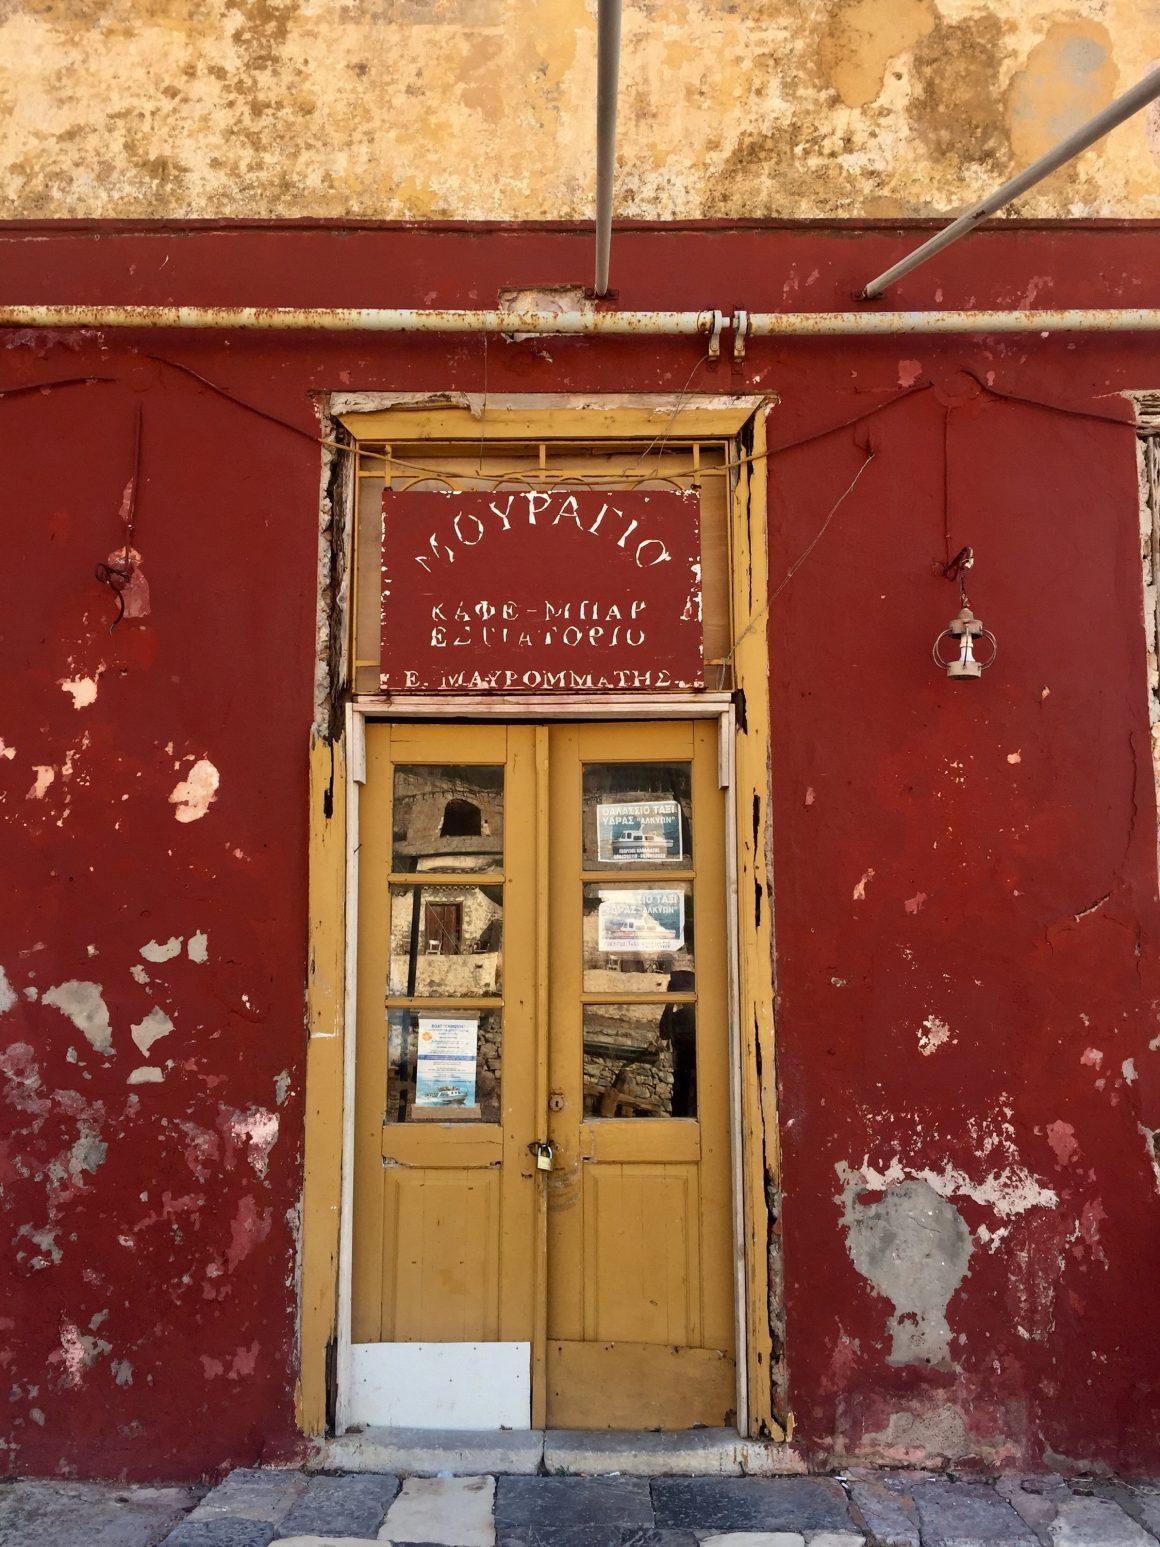 La devanture d'une boutique sur l'île Hydra en Grèce